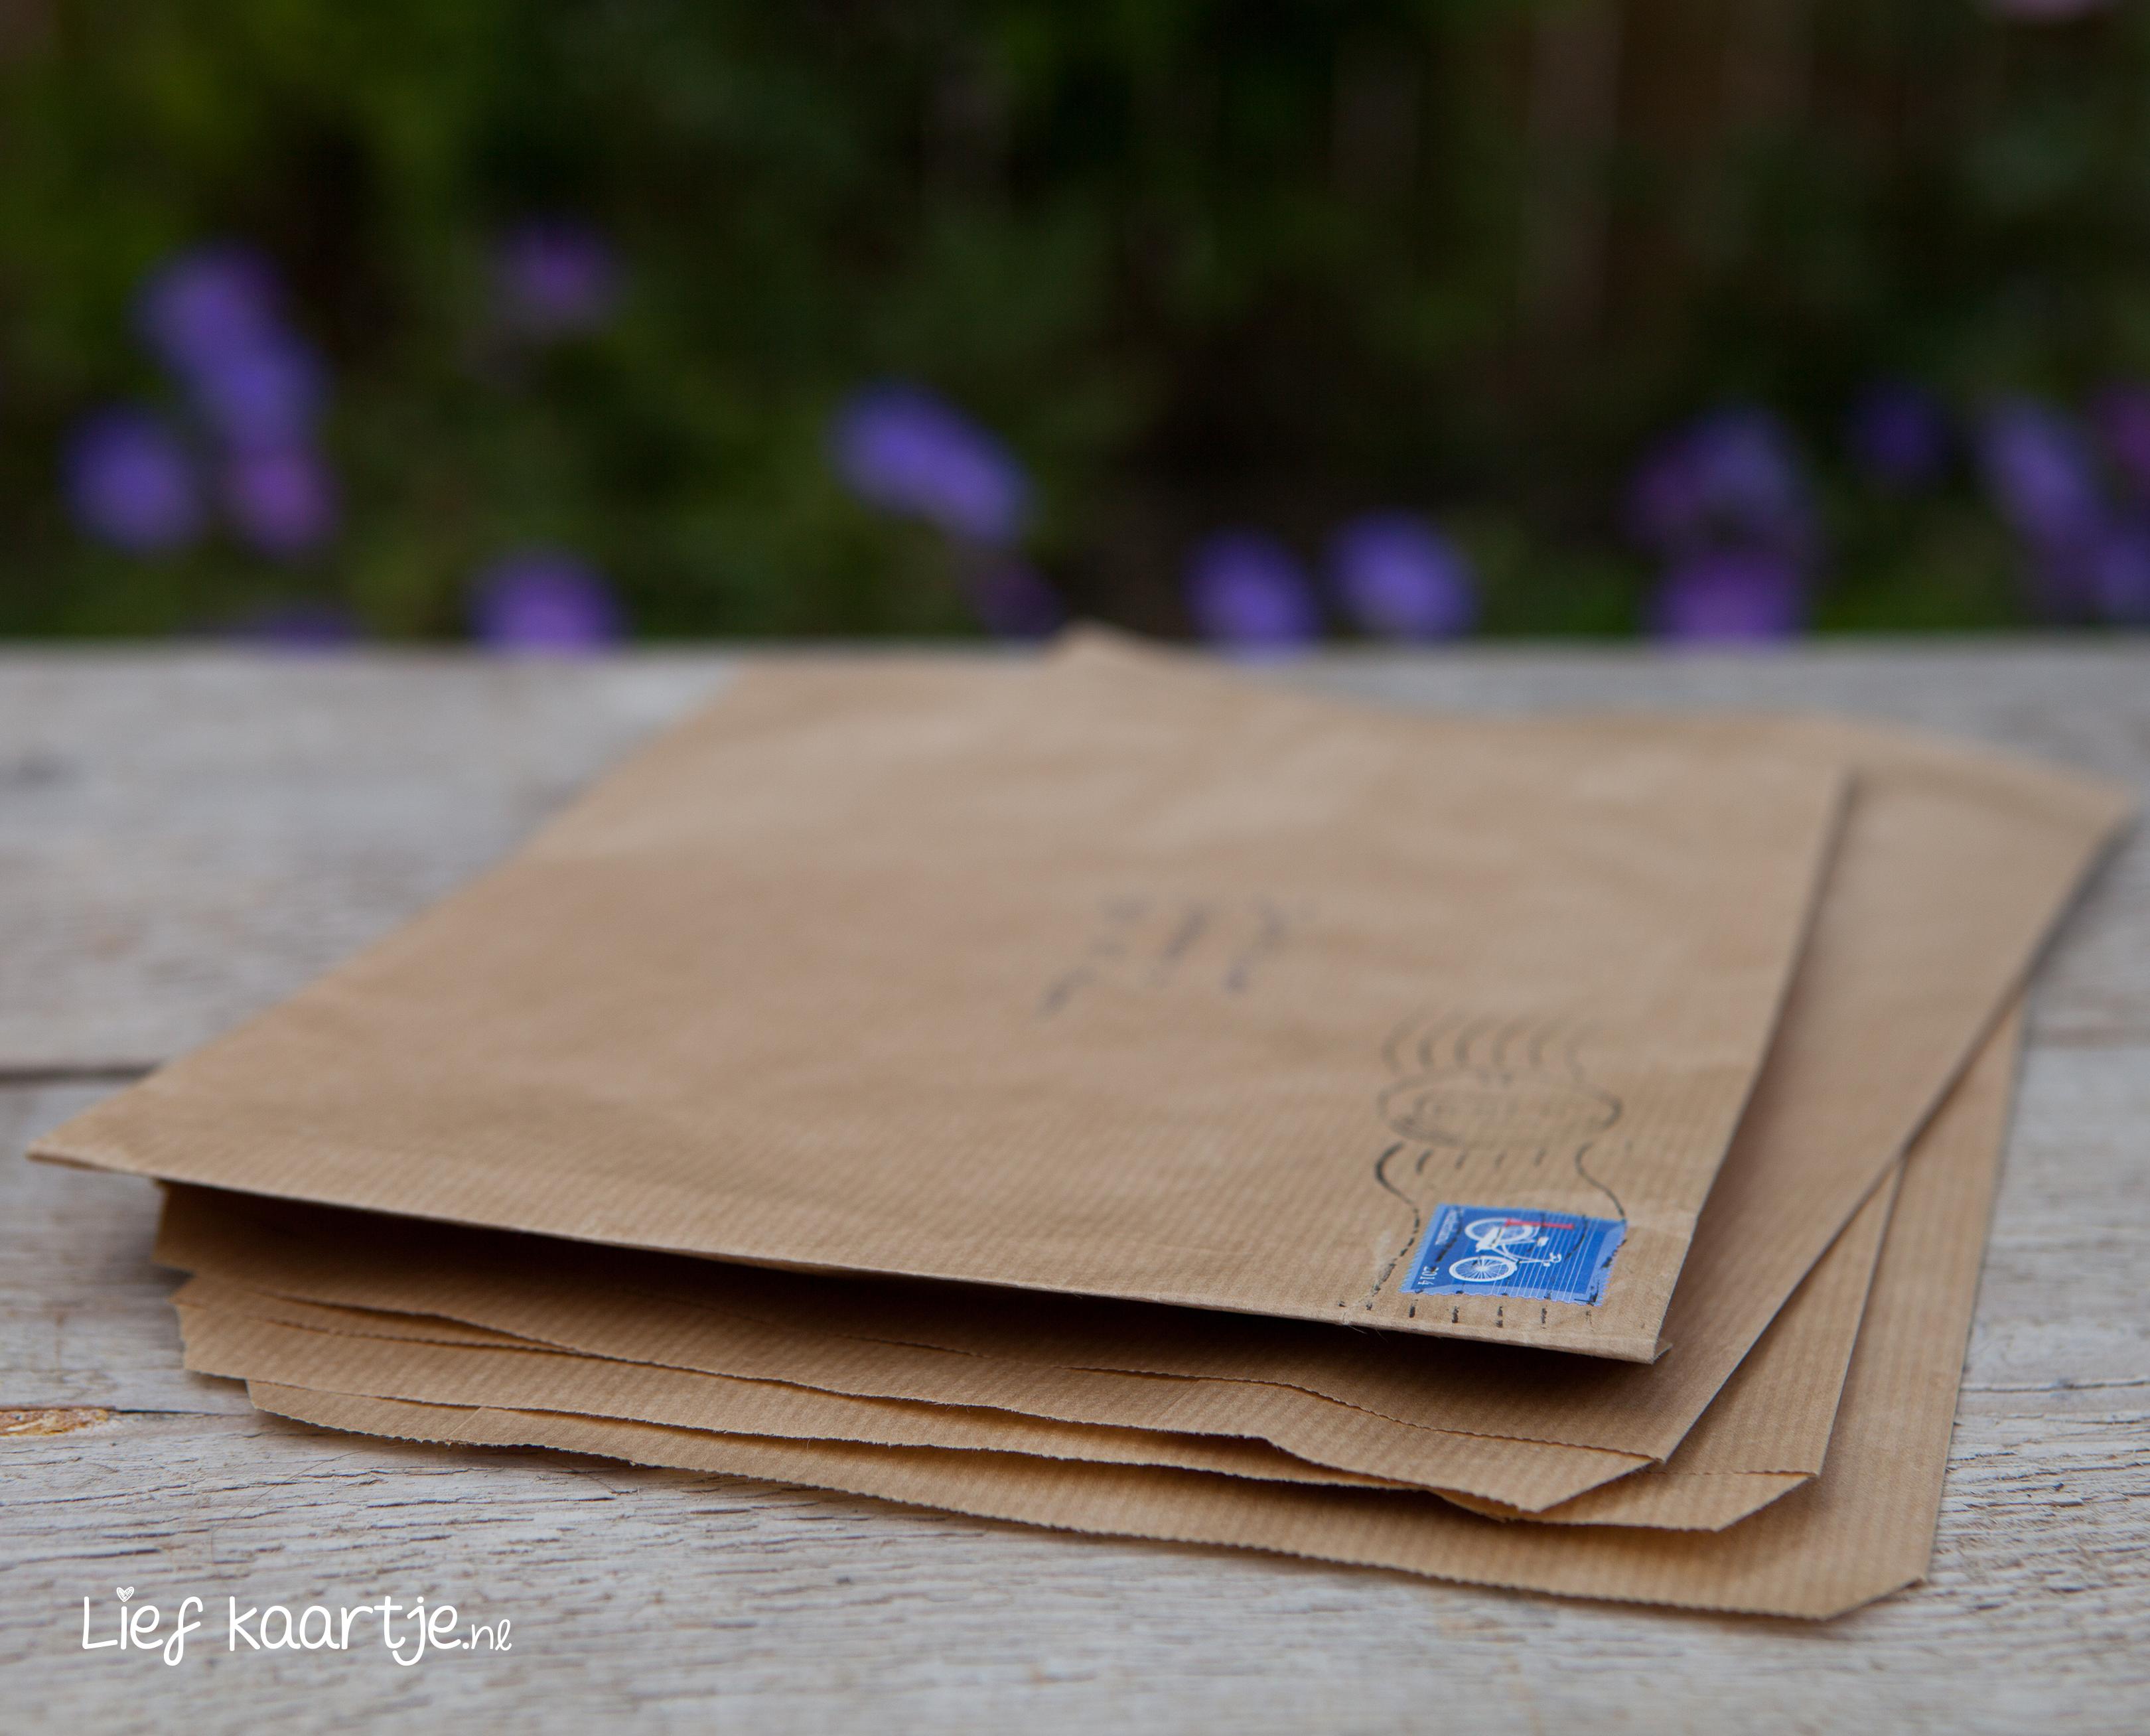 Deze A5 trouwkaart past precies in een kraft zakje. Je kunt ze gebruiken om je trouwkaart in te versturen. De kraft zakjes zijn € 0,30 cent per stuk en kun je mee bestellen in het bestel proces.